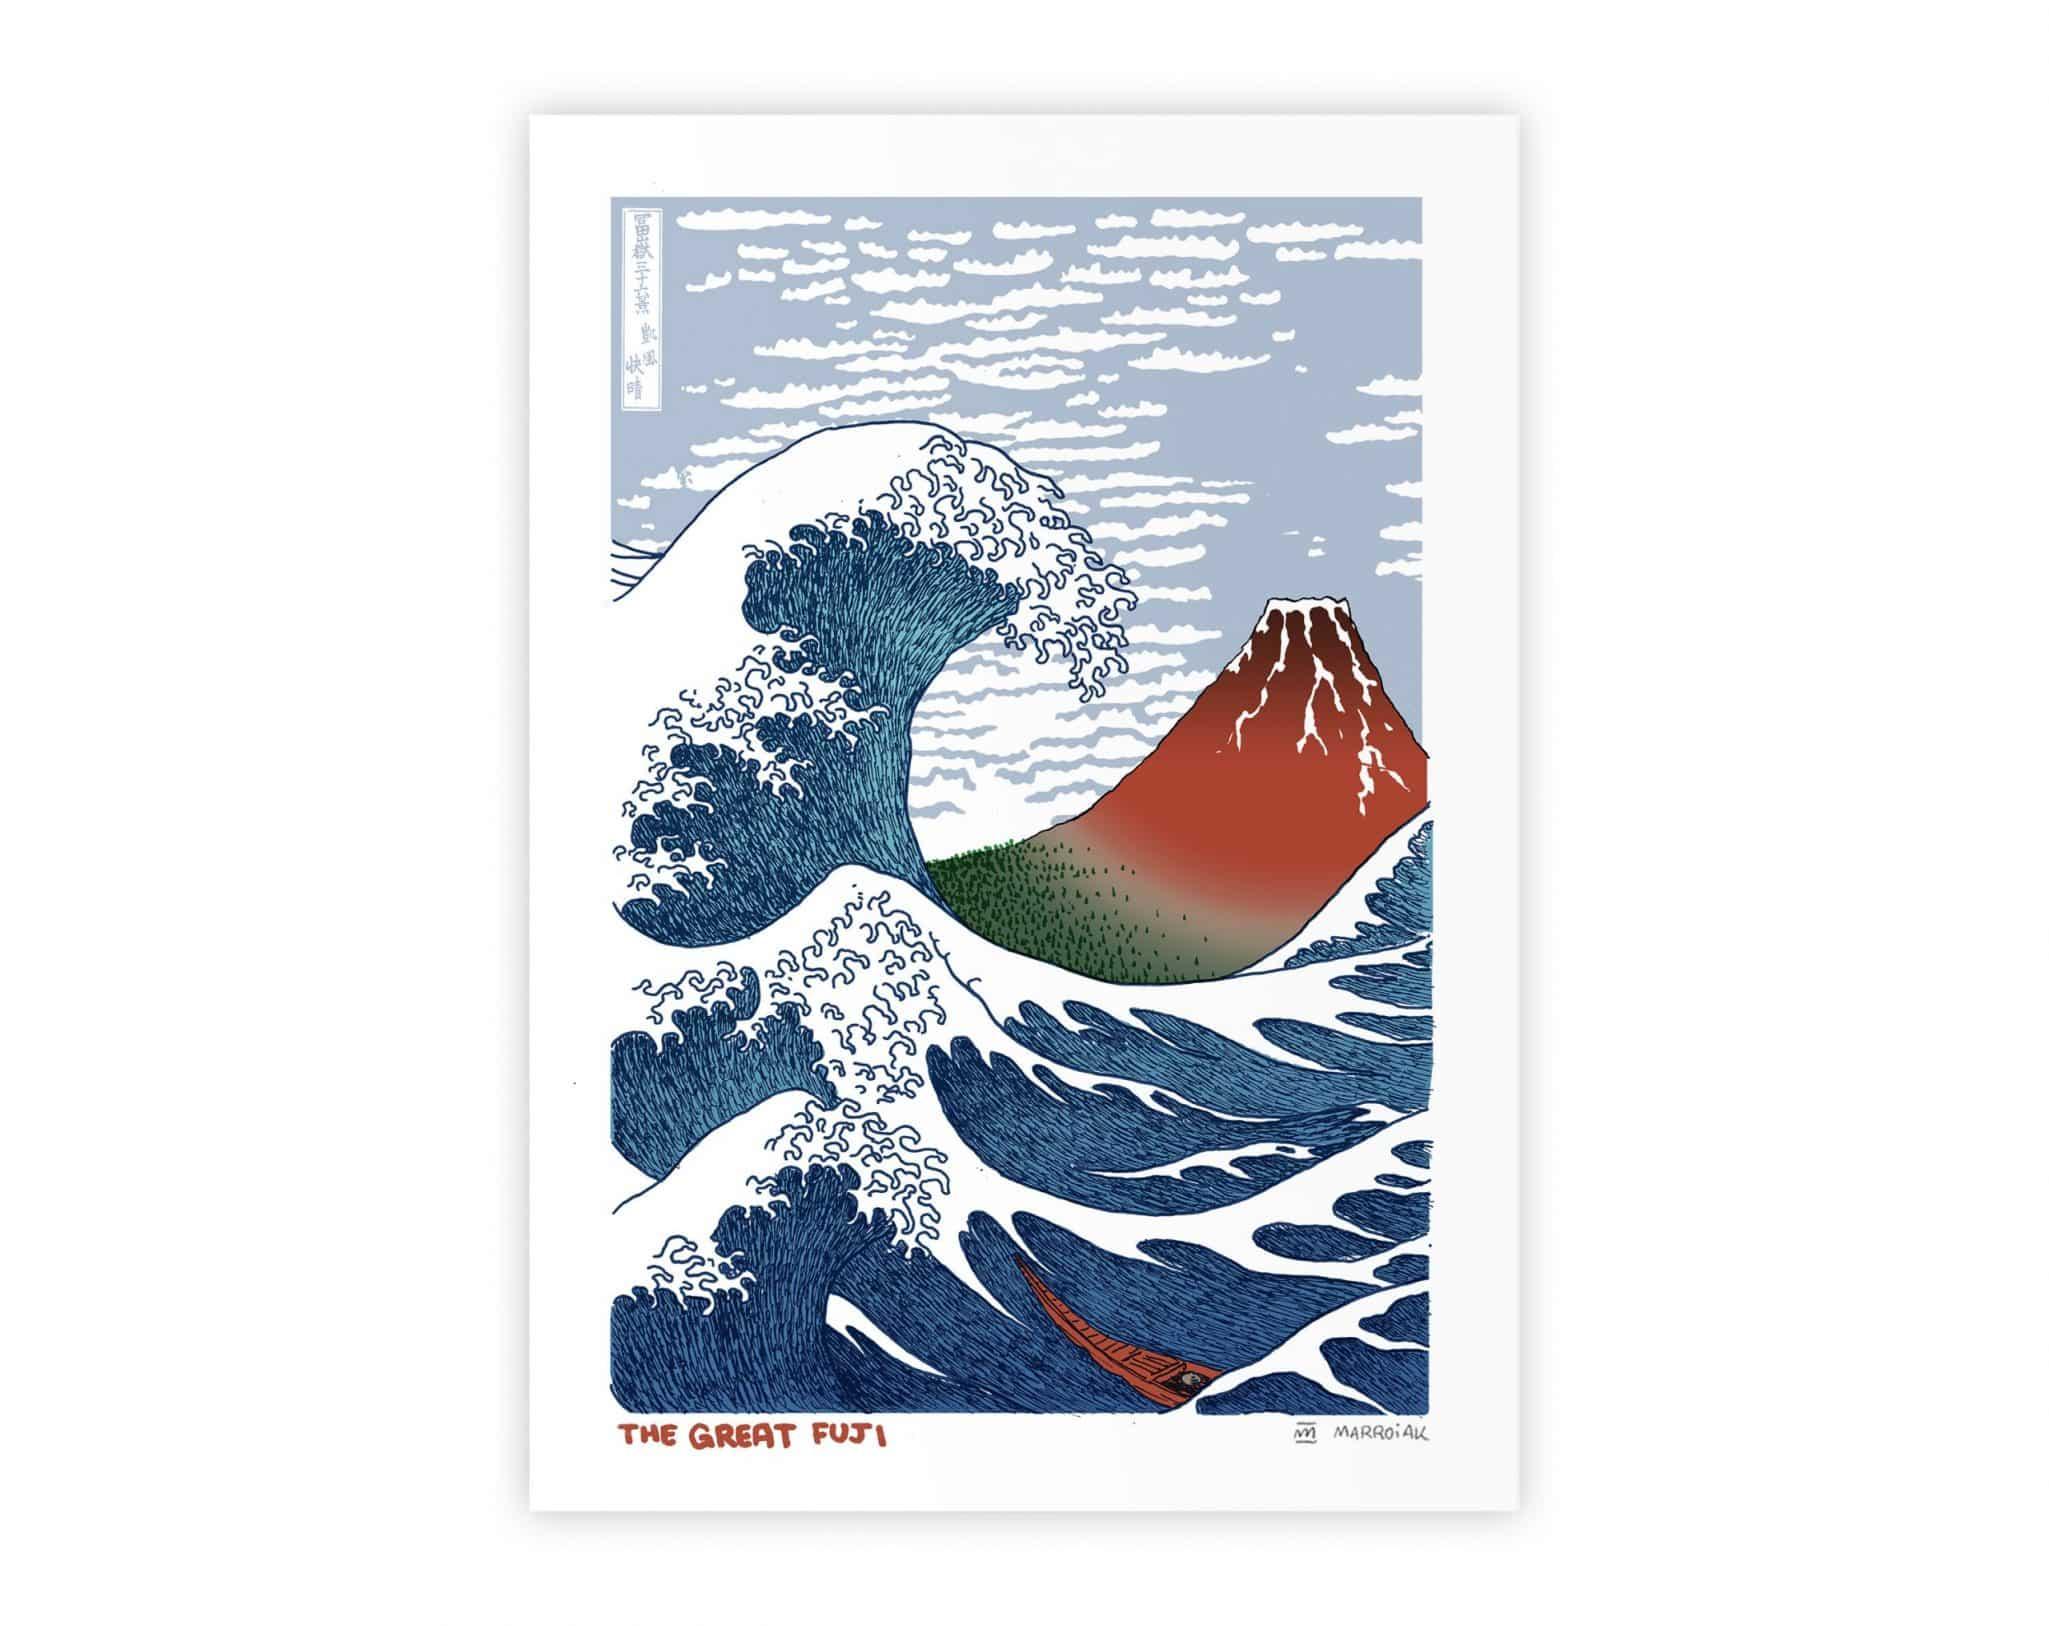 Mashup con un dibujo del artista ukiyo-e japonés Hokusai. La Gran Ola y el Fuji Rojo. Art Remixes. Ilustración